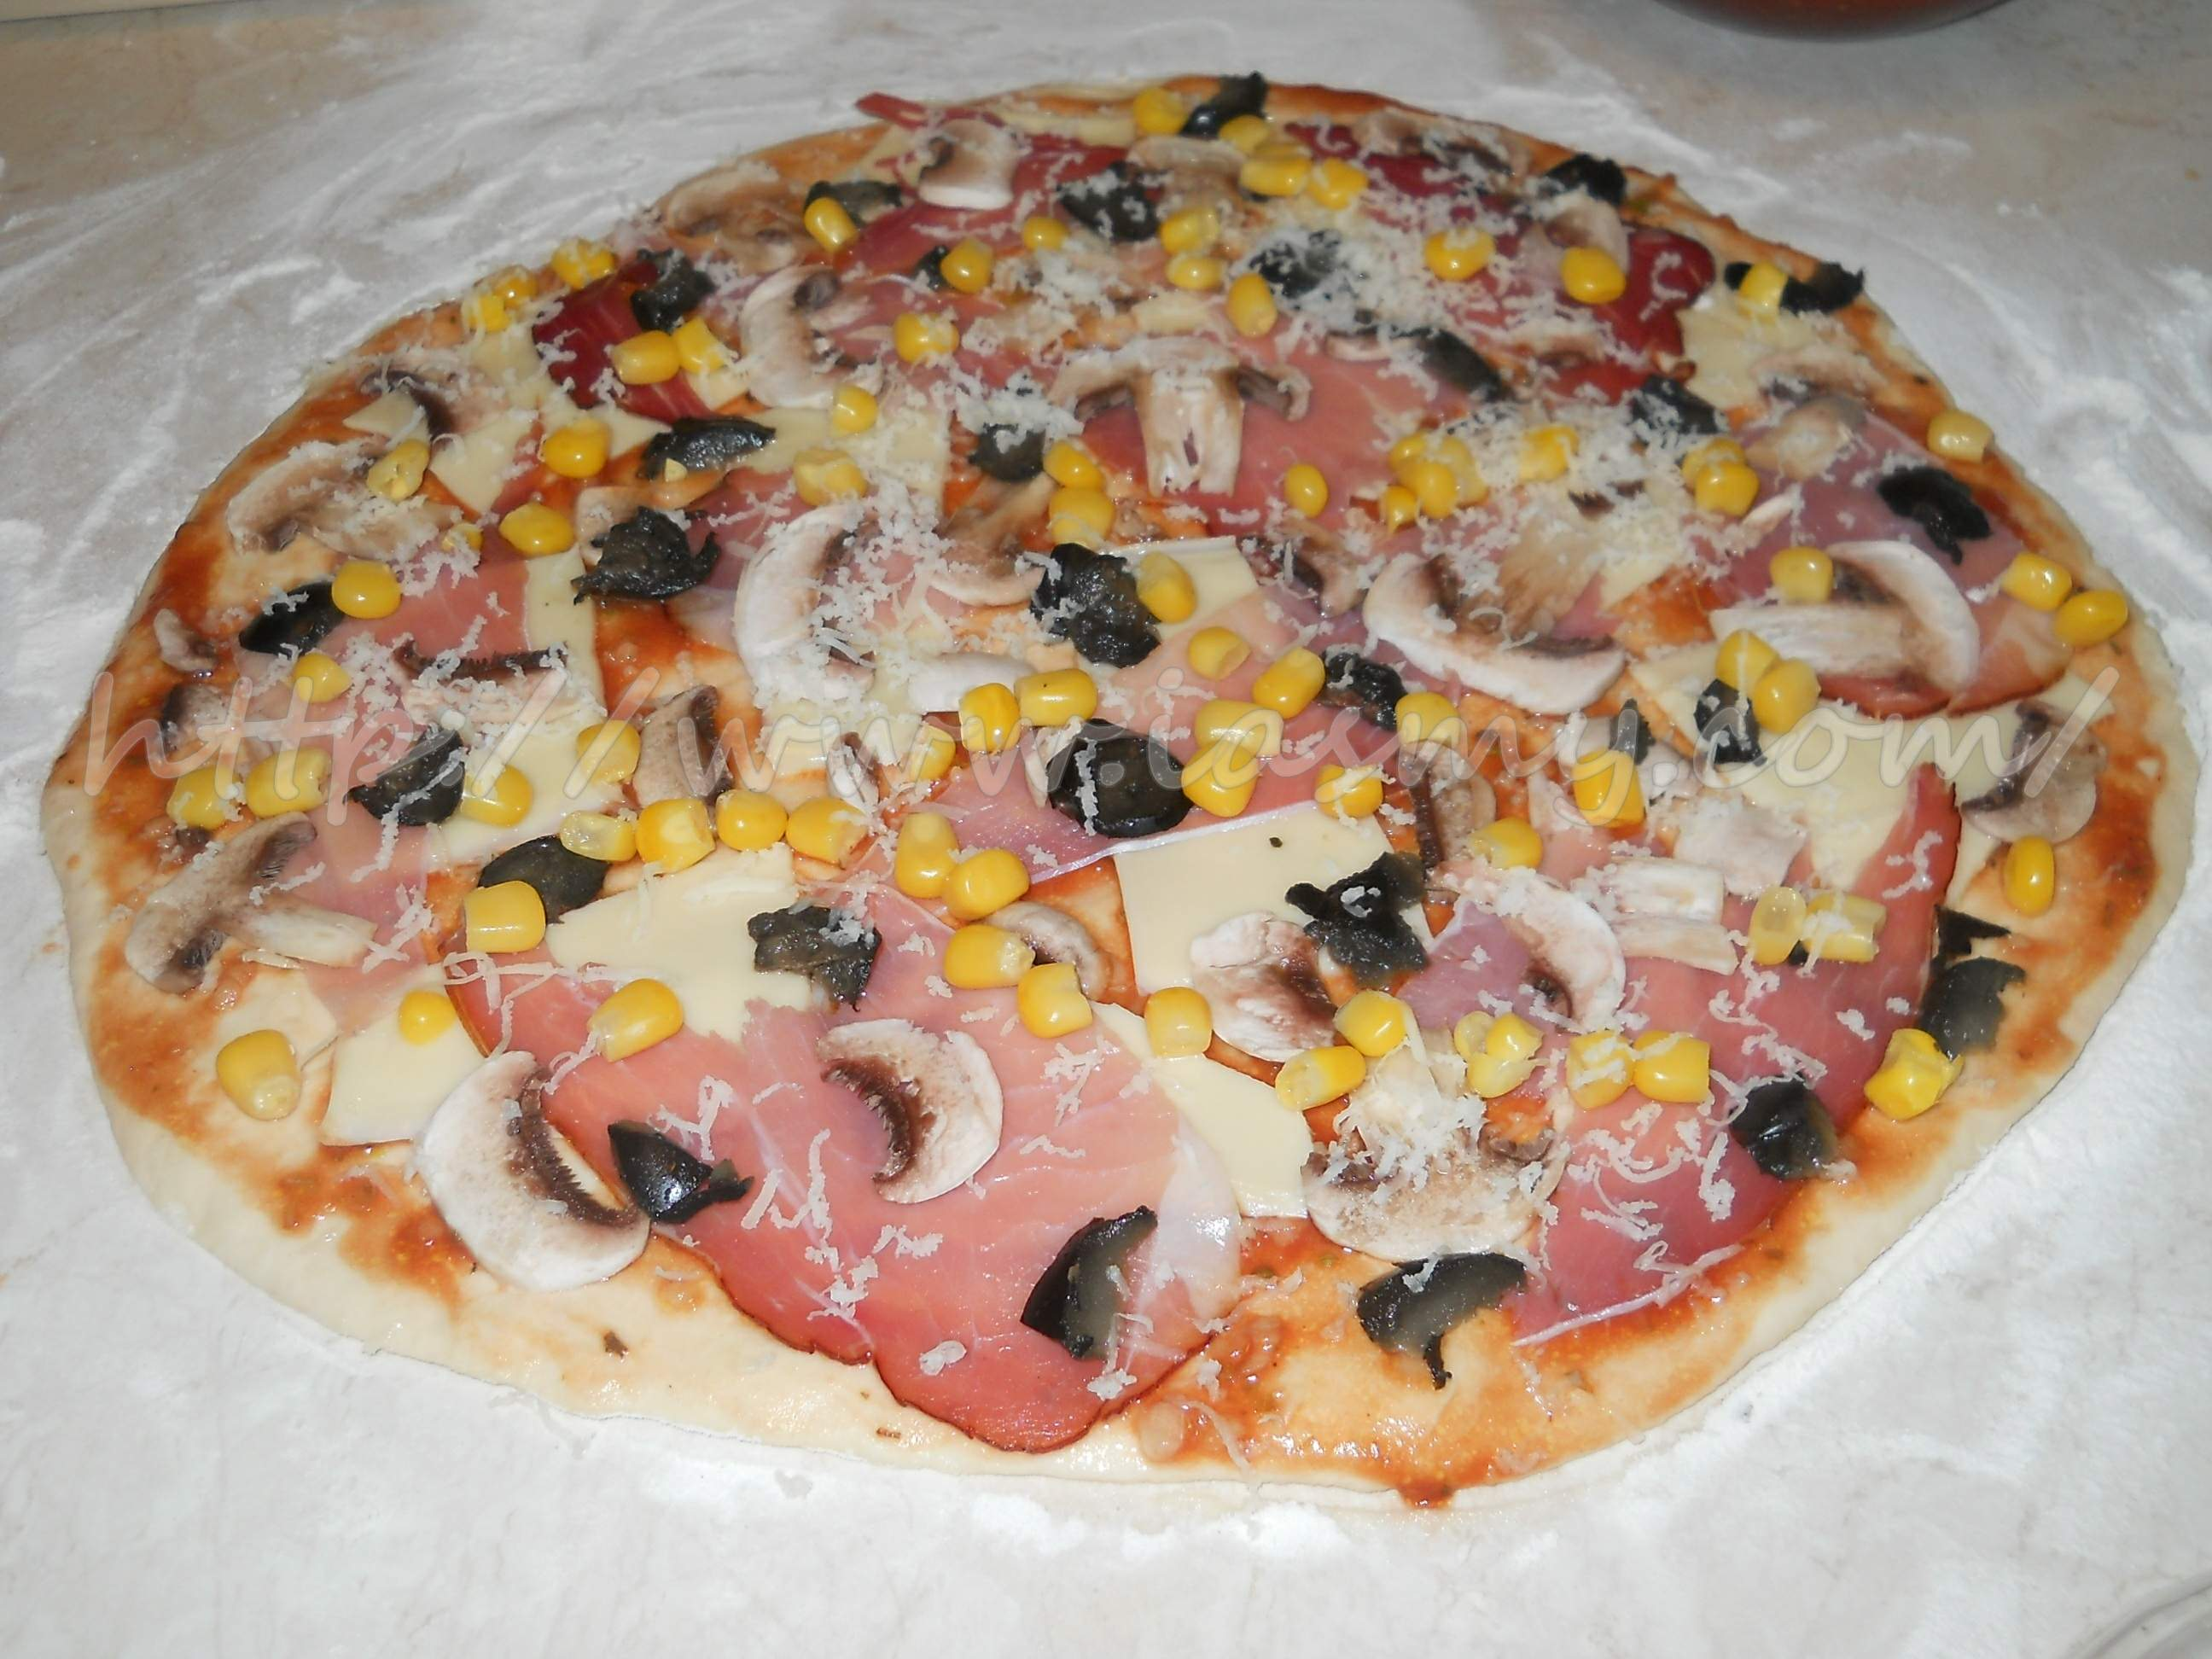 Pizza rapidă la maşina de făcut pâine